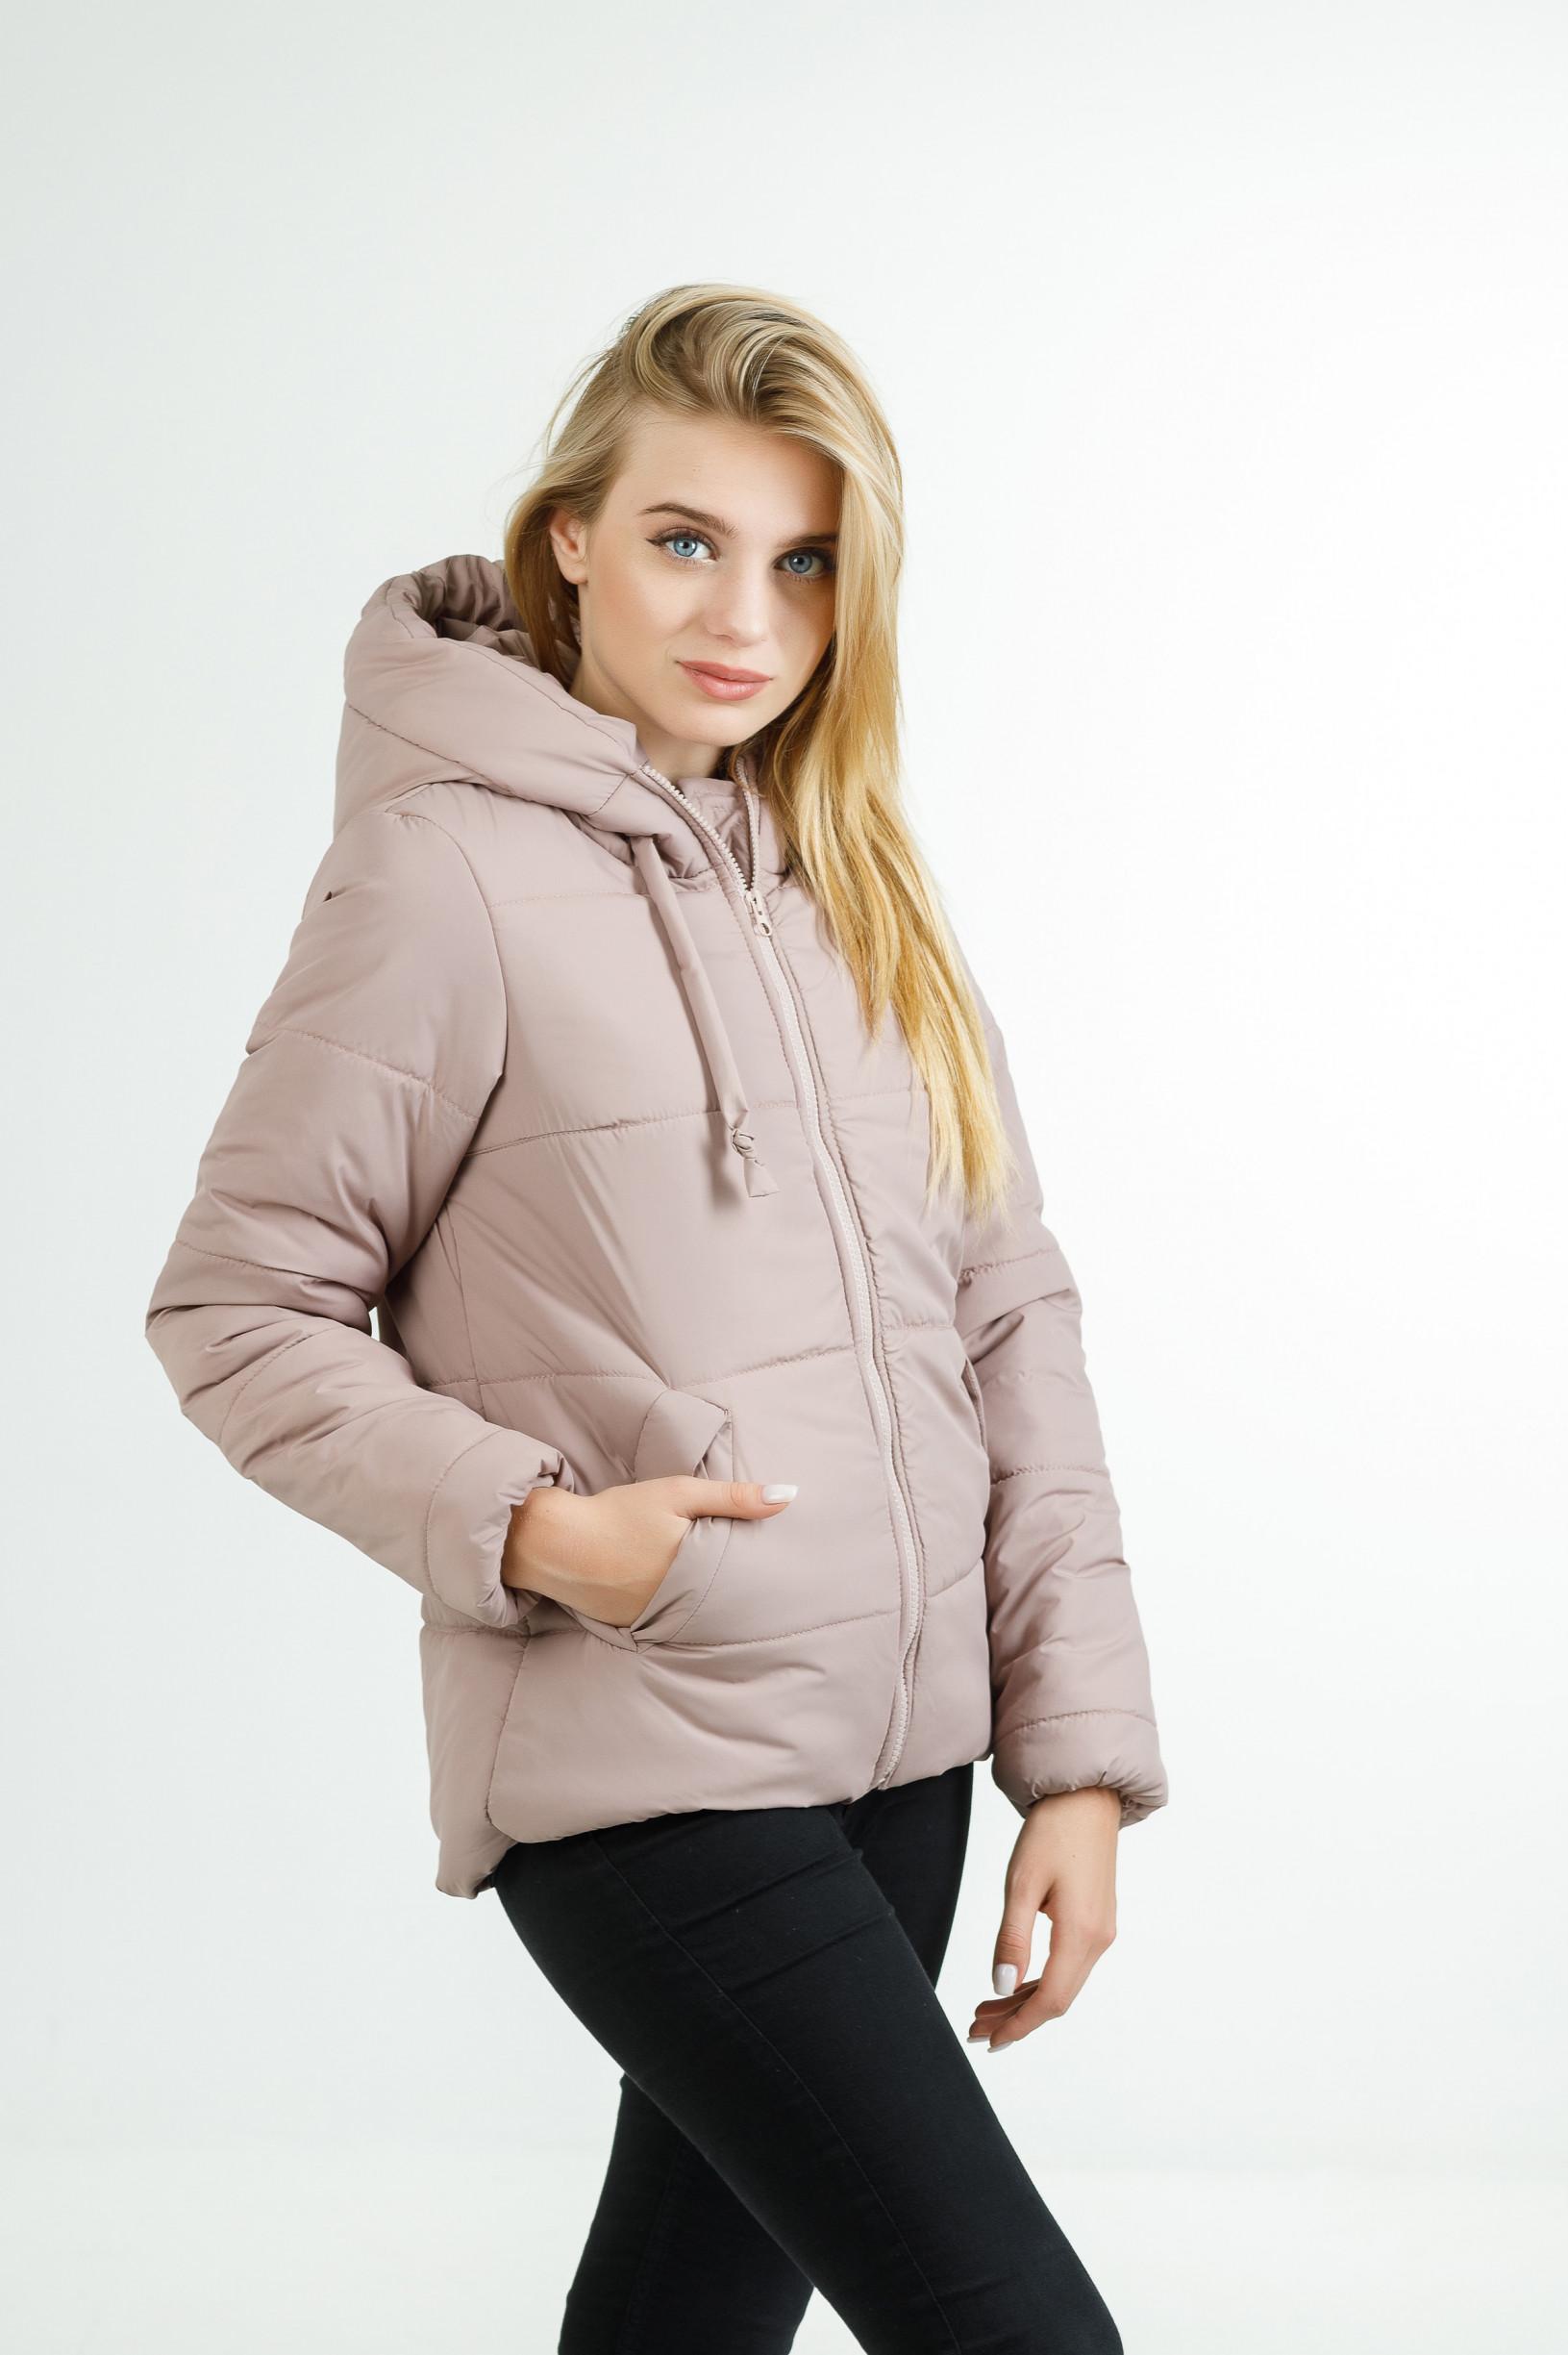 Полуспортивная демисезонная куртка для девушки Тутси розовая